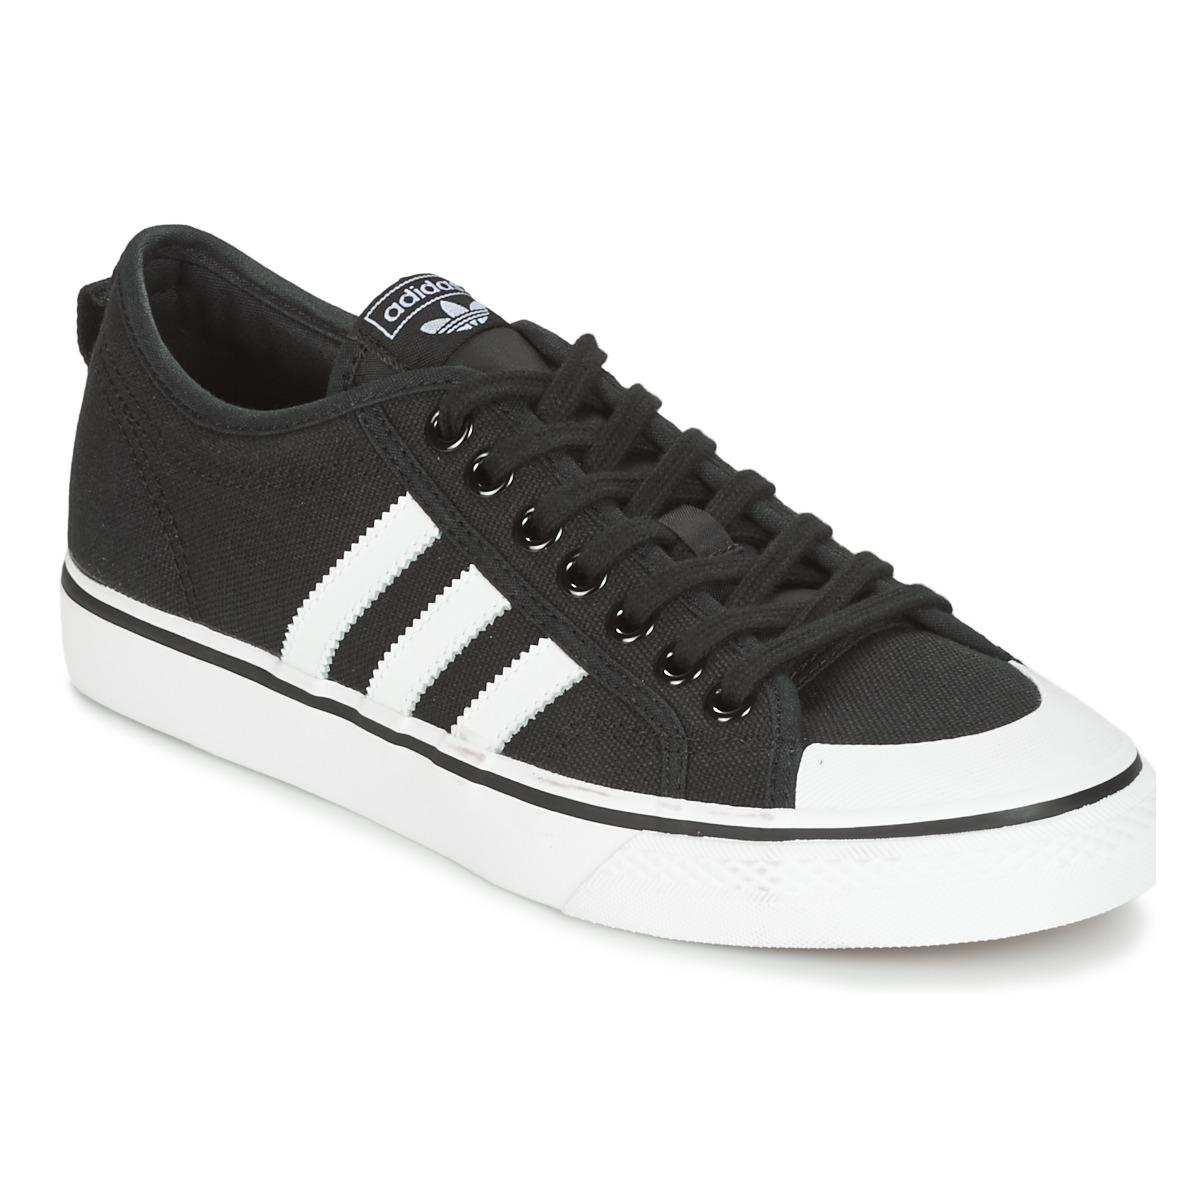 adidas Originals NIZZA Schwarz - Kostenloser Versand bei Spartoode ! - Schuhe Sneaker Low  56,00 €